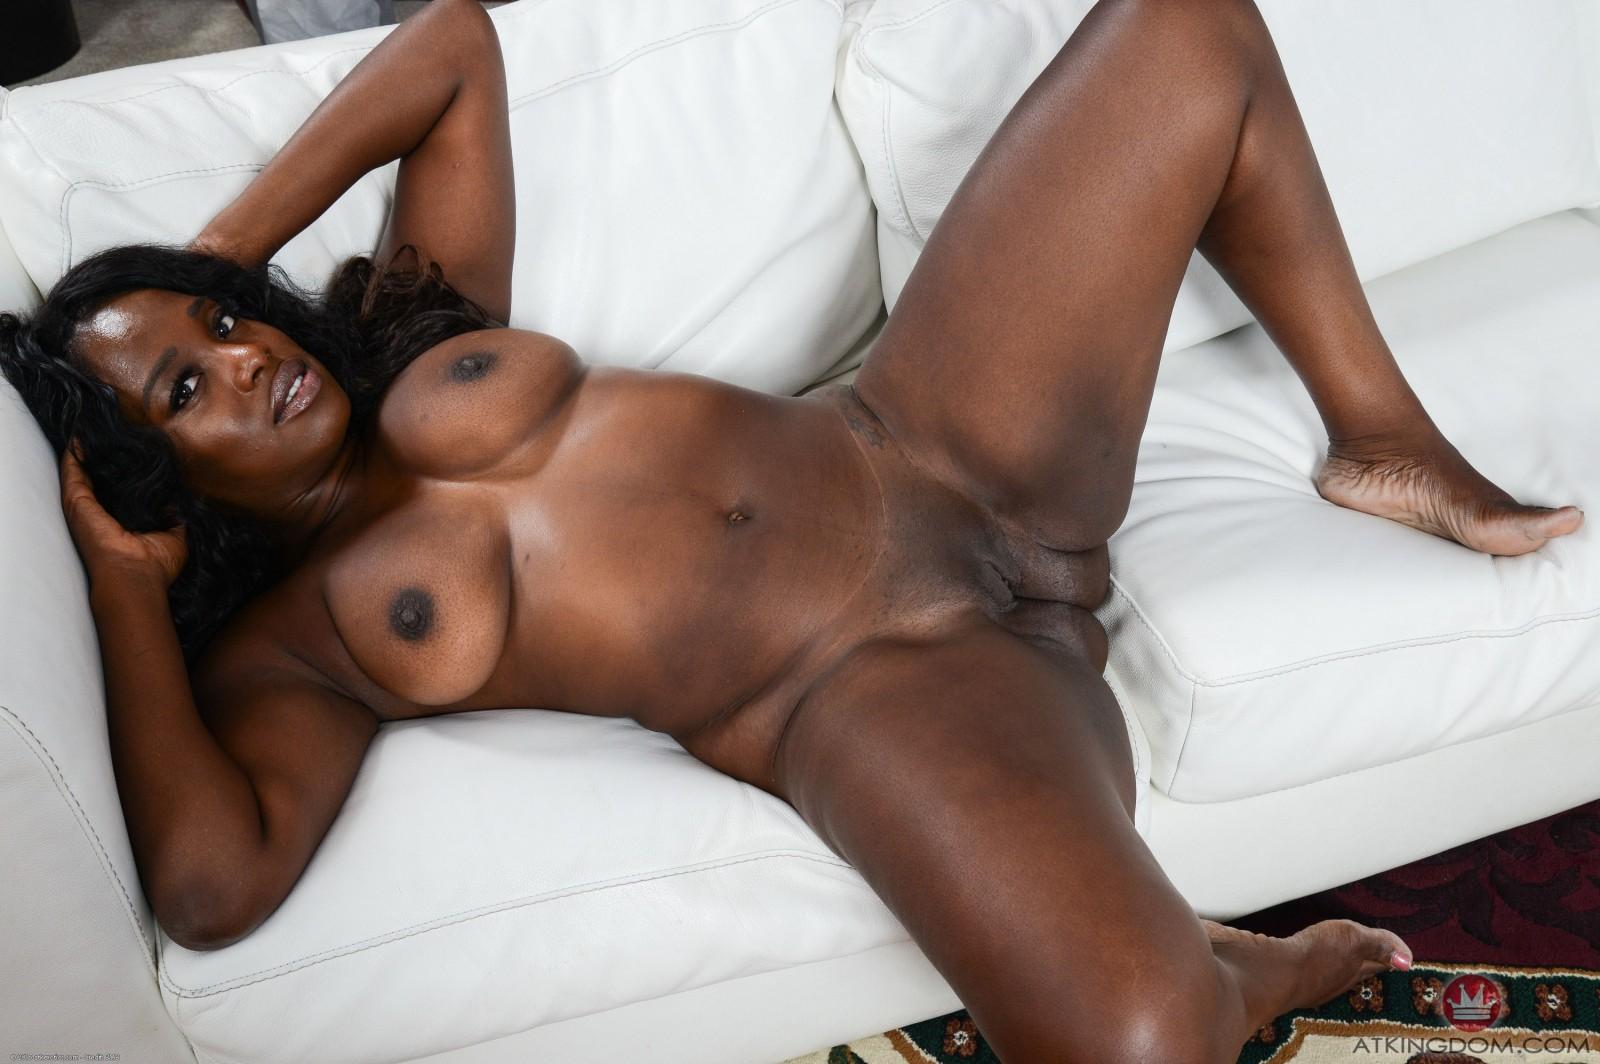 Mimi rogers full body massage 5